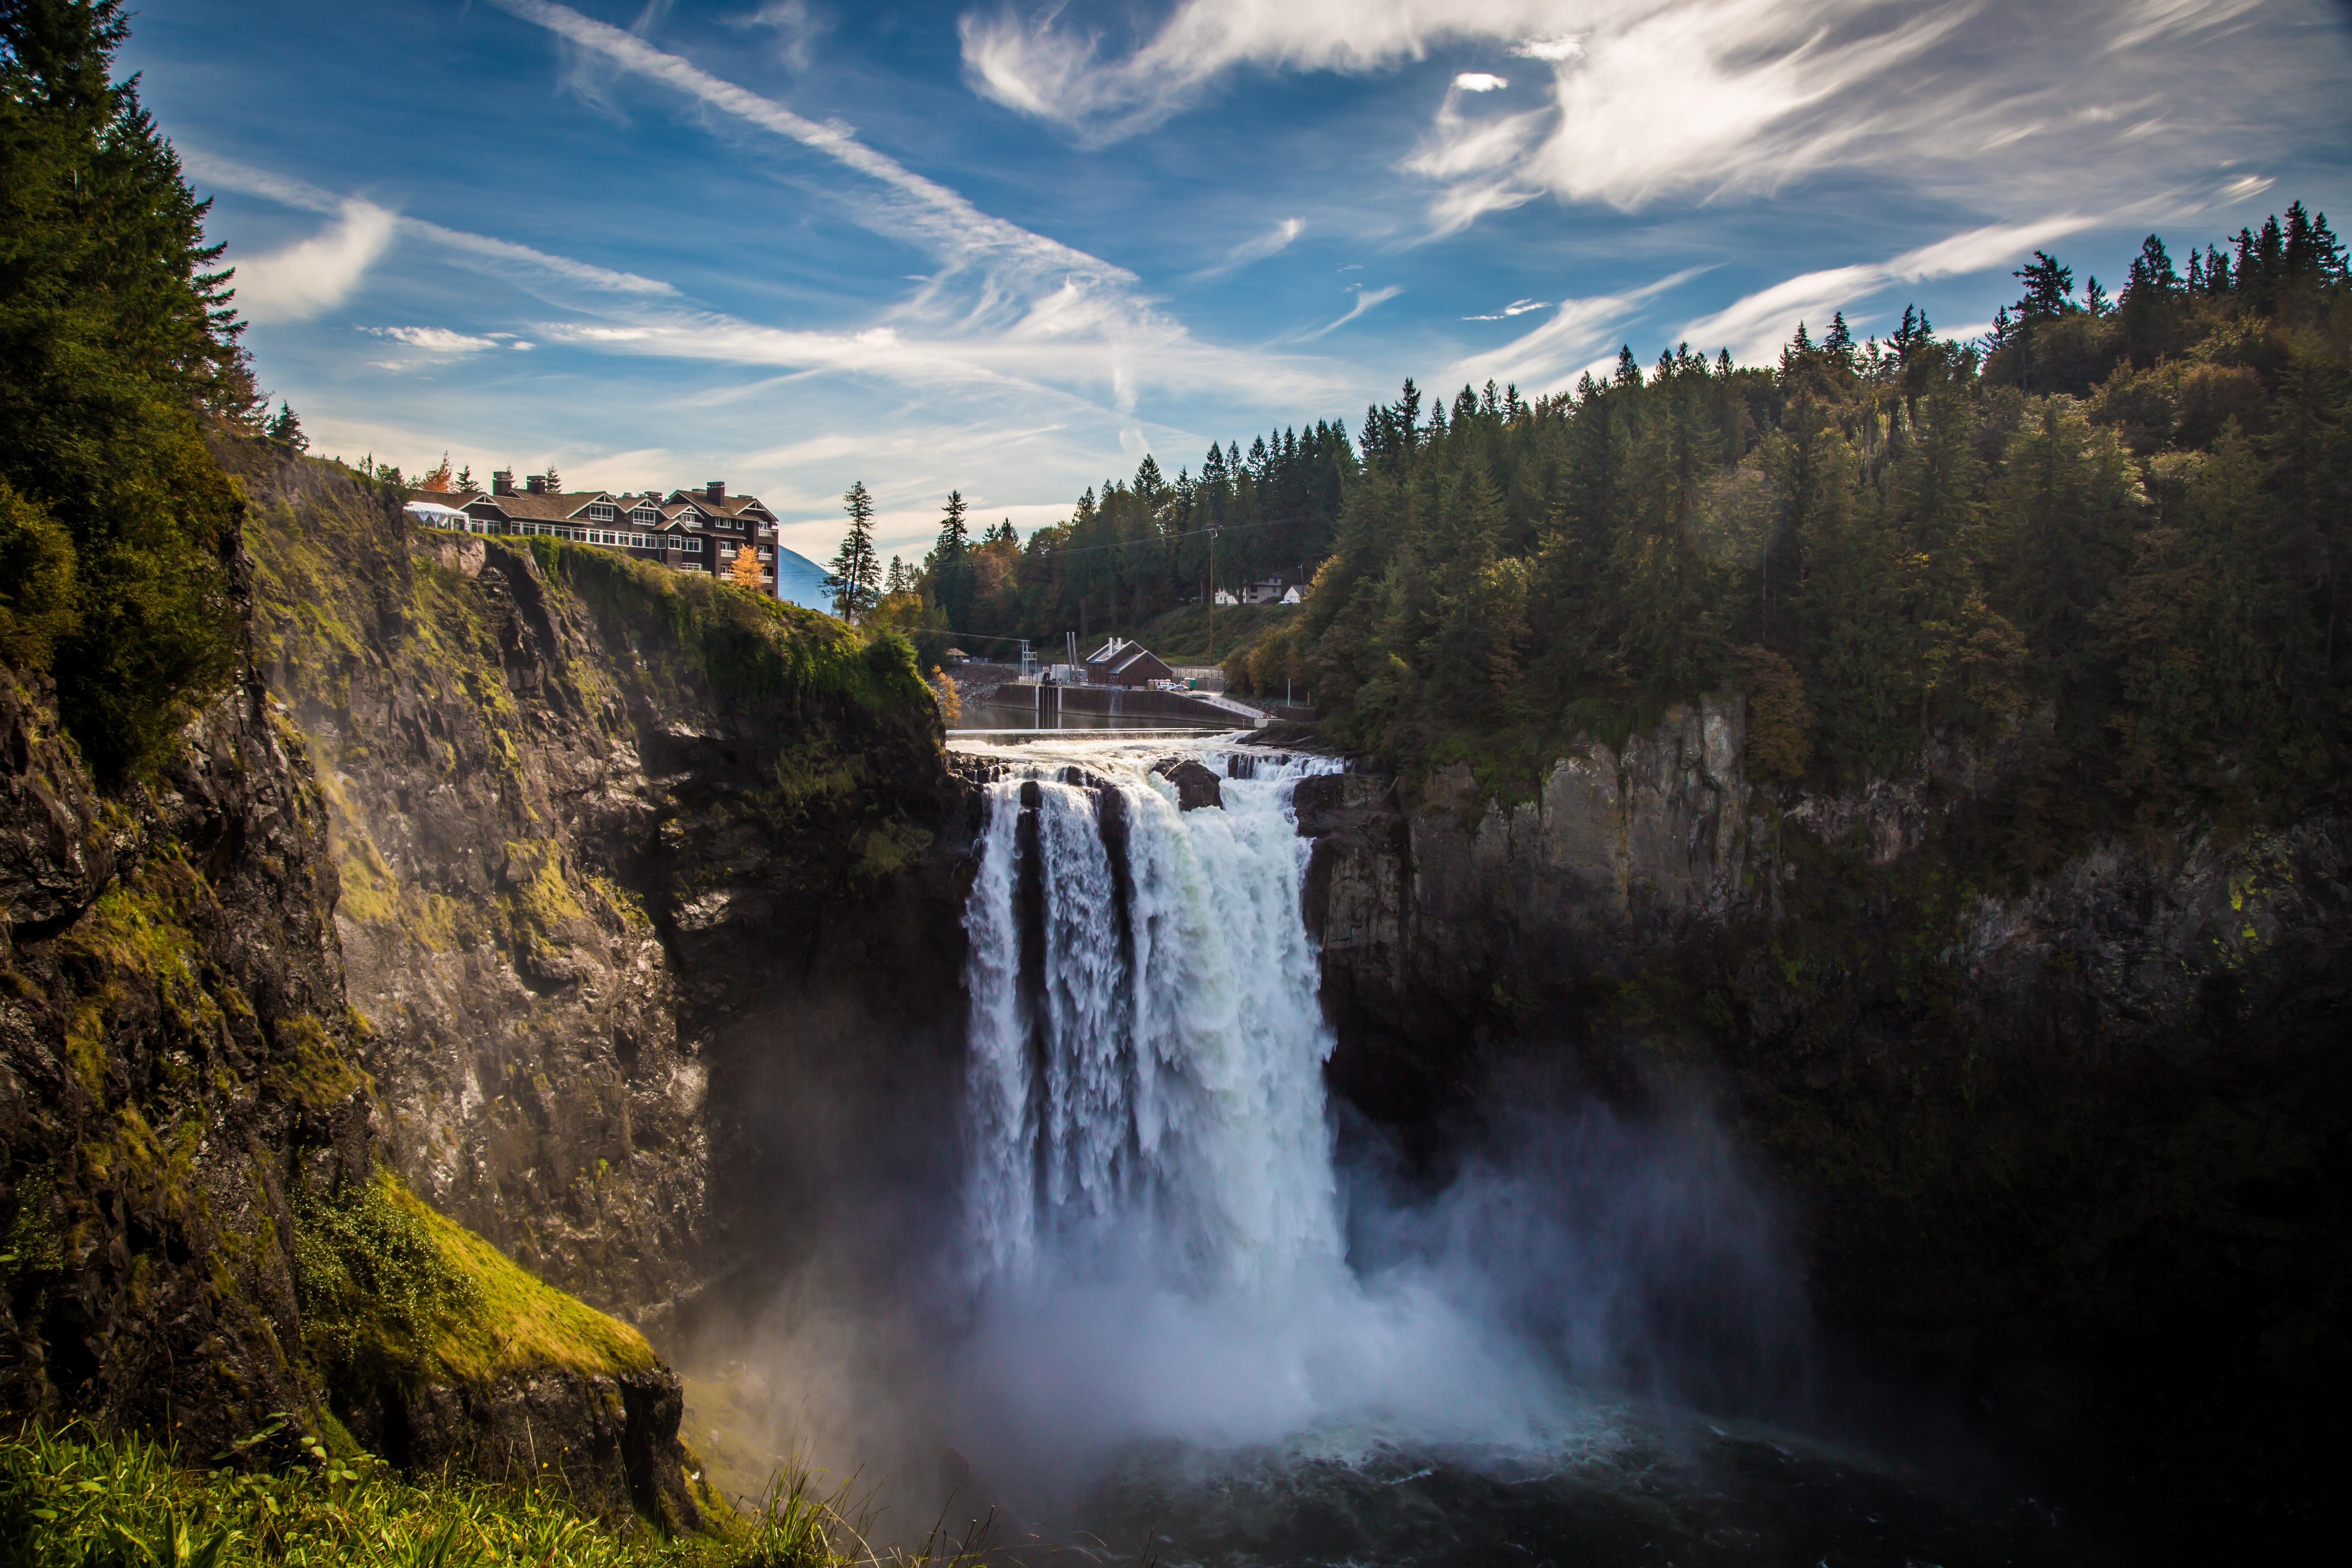 131725壁紙のダウンロード自然, 滝, ブレーク, 崖, 水, 噴射, スプレー, 風景-スクリーンセーバーと写真を無料で